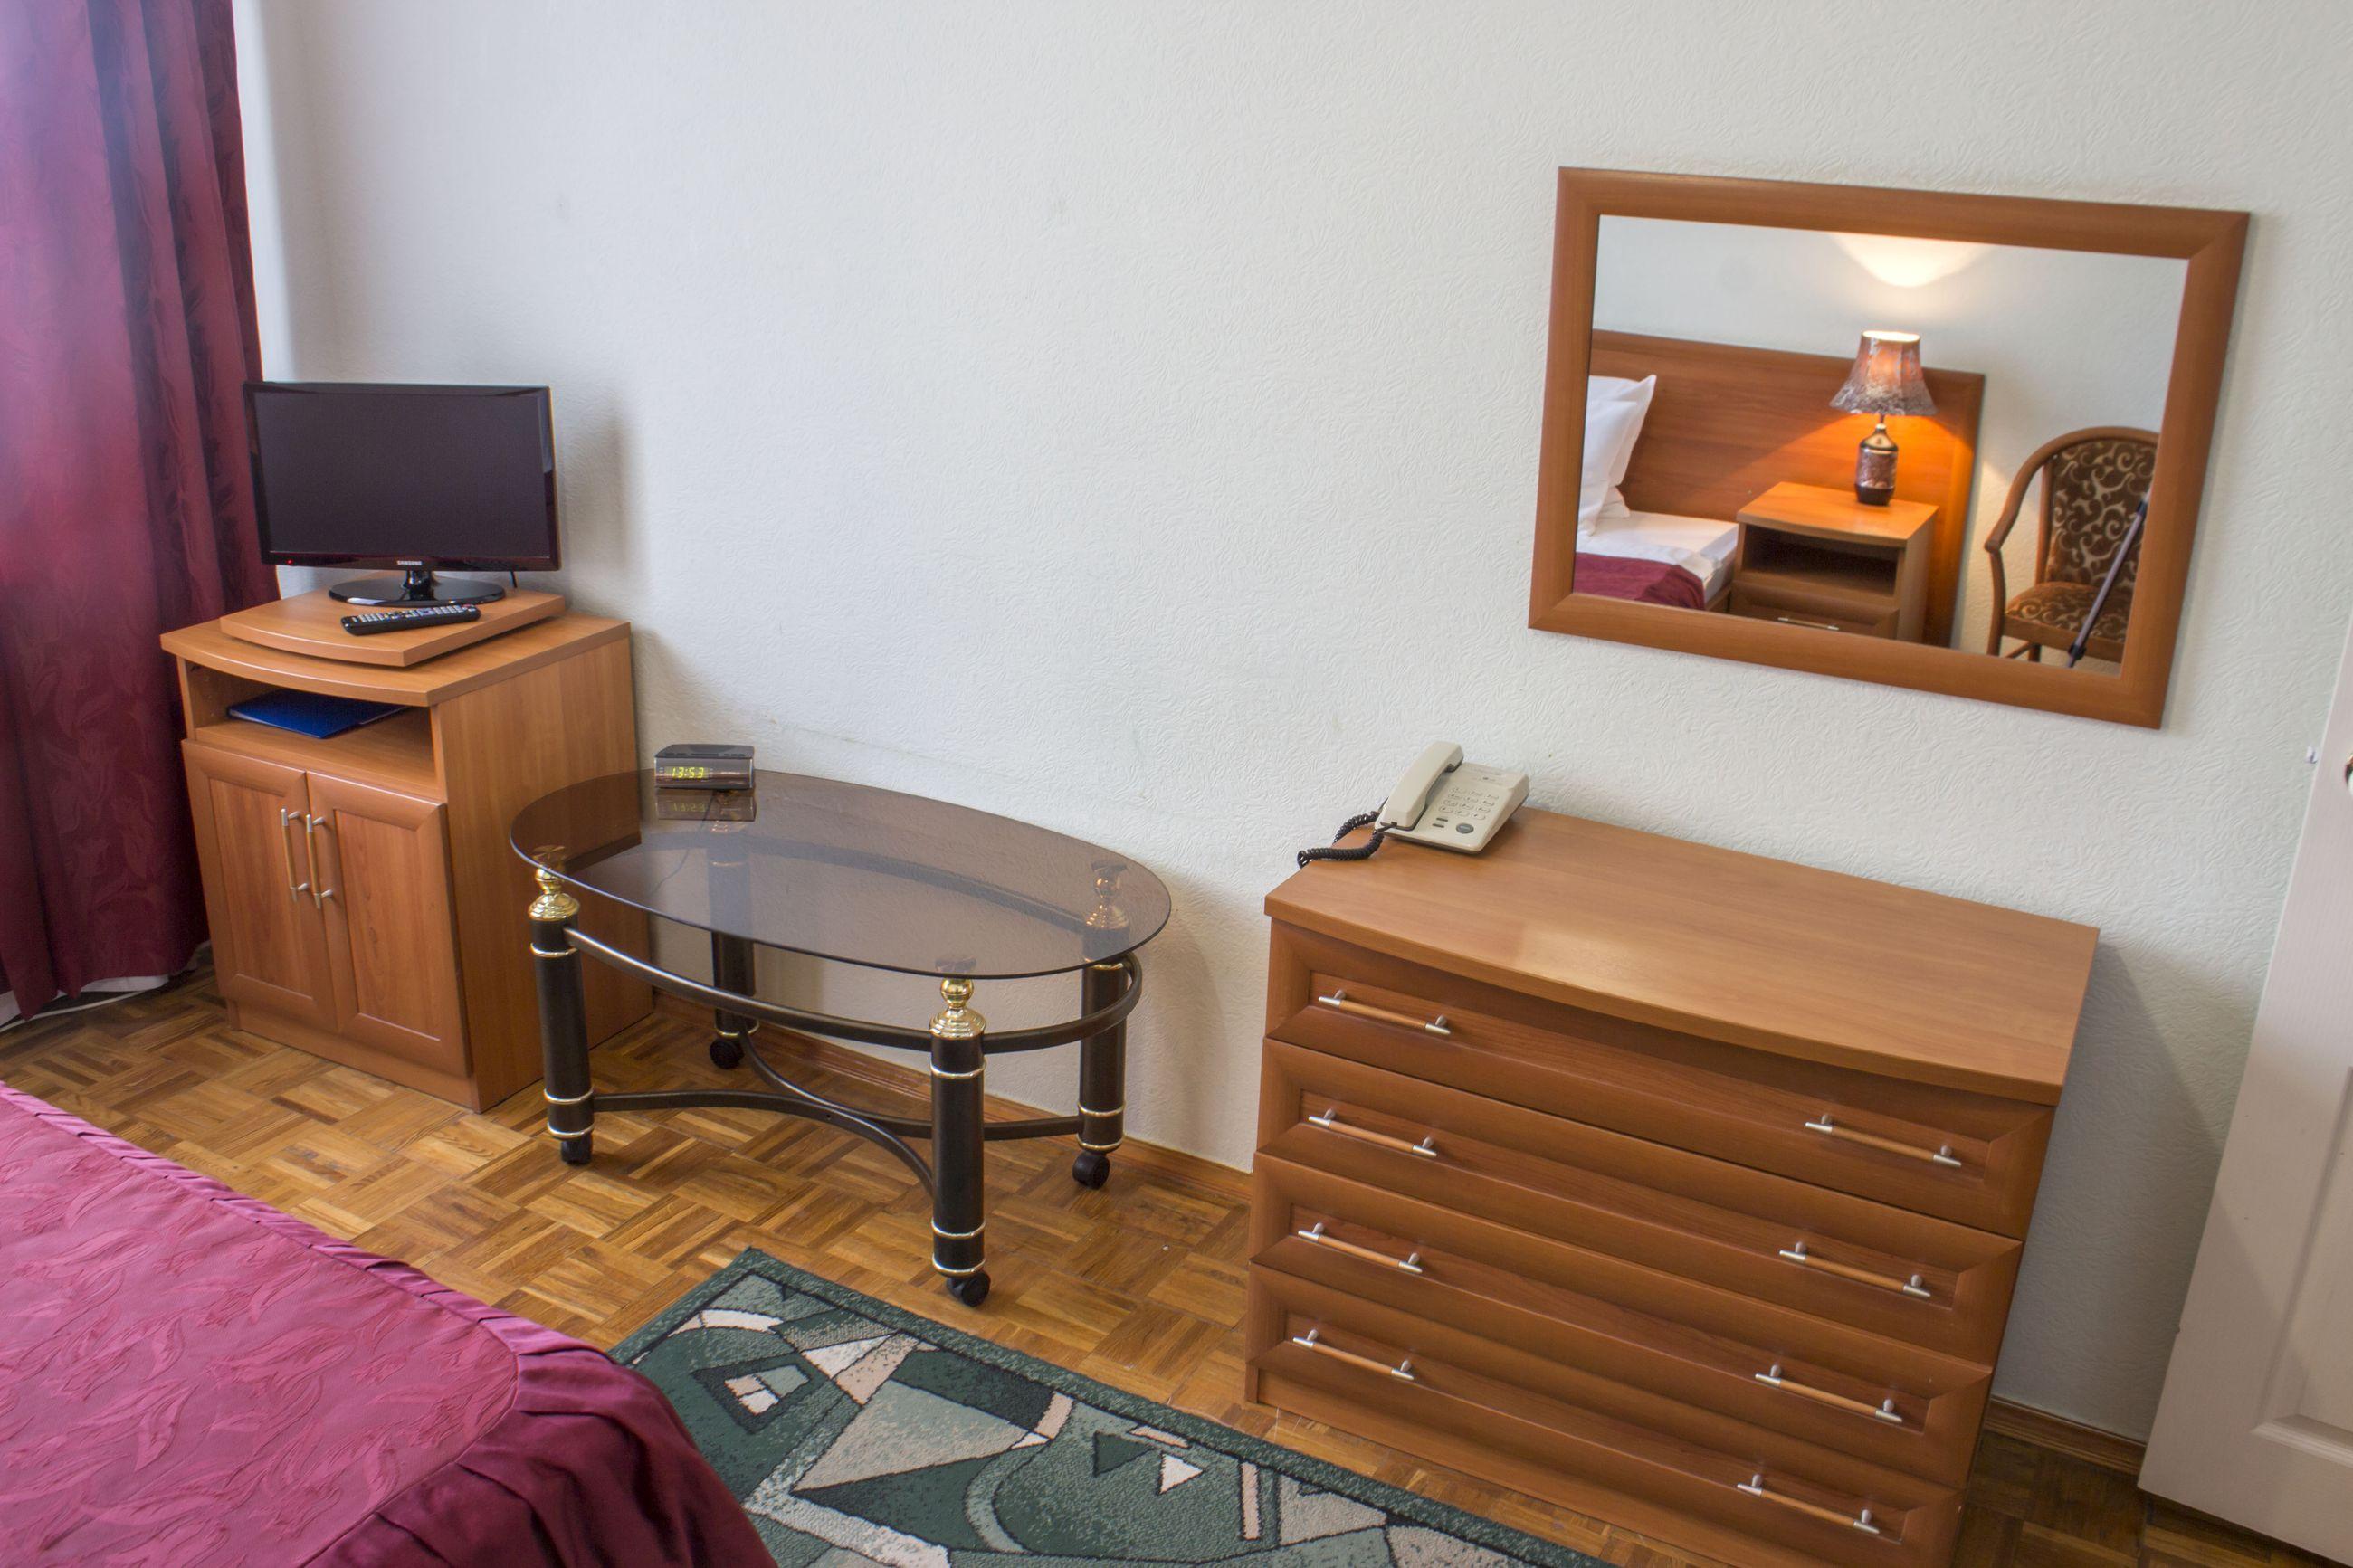 препарат создан мебель родники фото гостей используя бензопилу